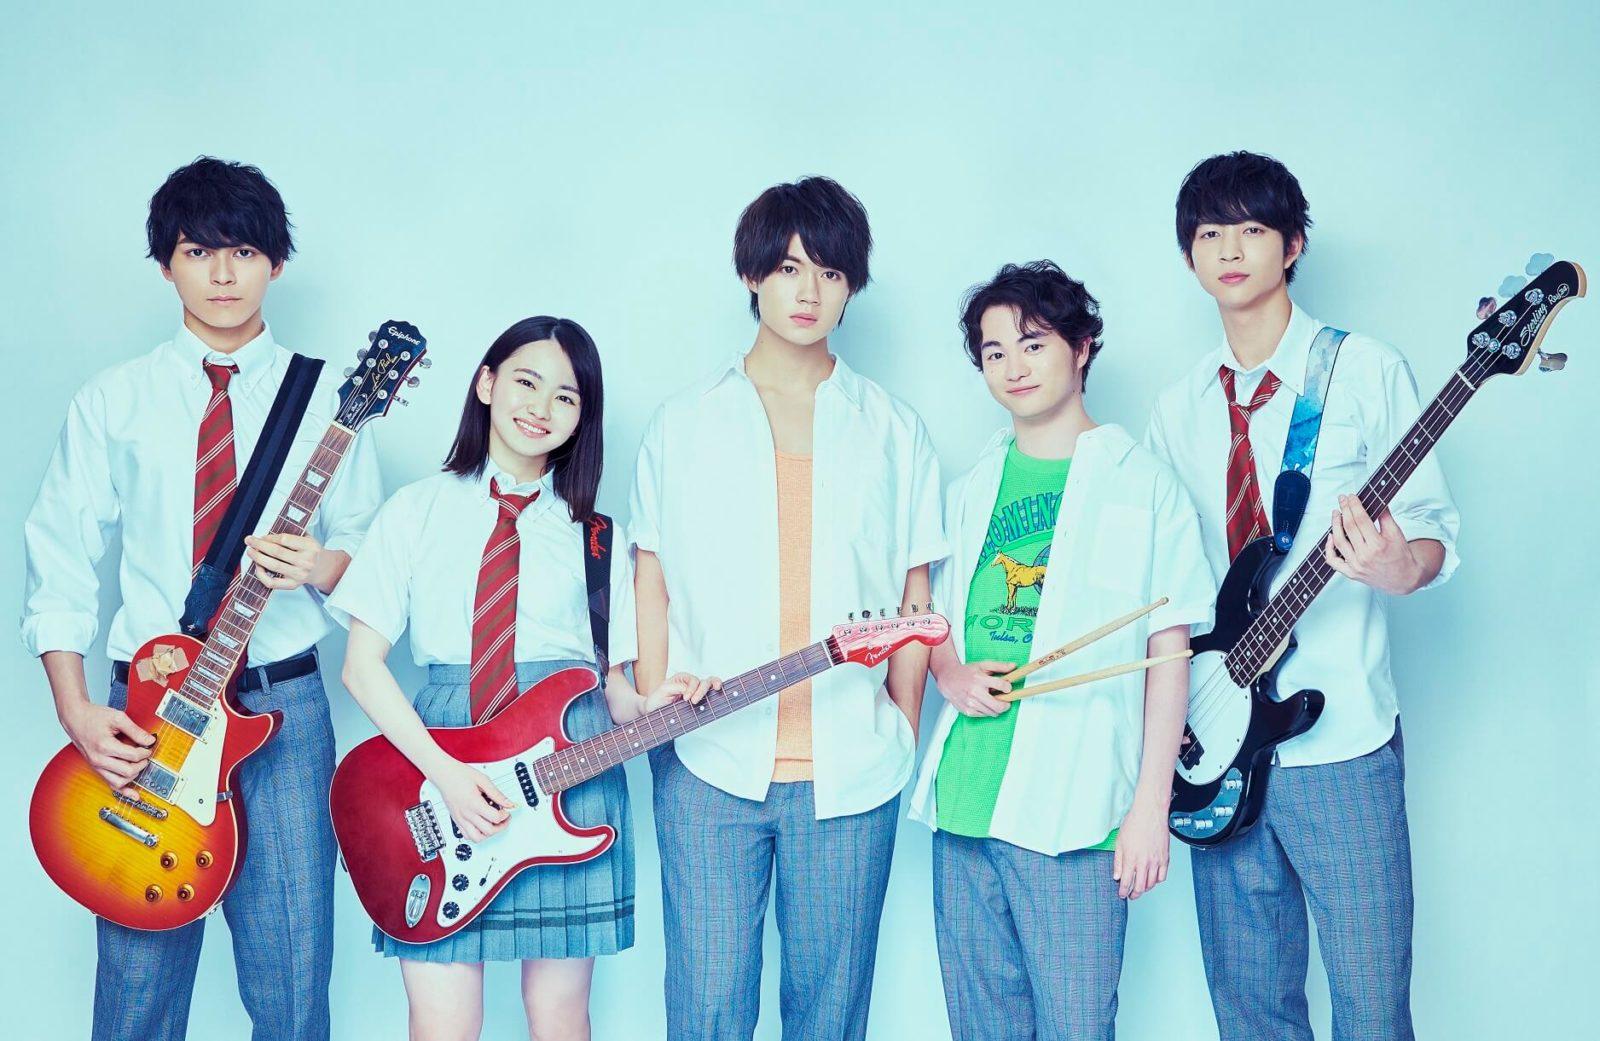 MONGOL800の曲がモチーフの映画から誕生したバンドによる「小さな恋のうた」MV本日公開サムネイル画像